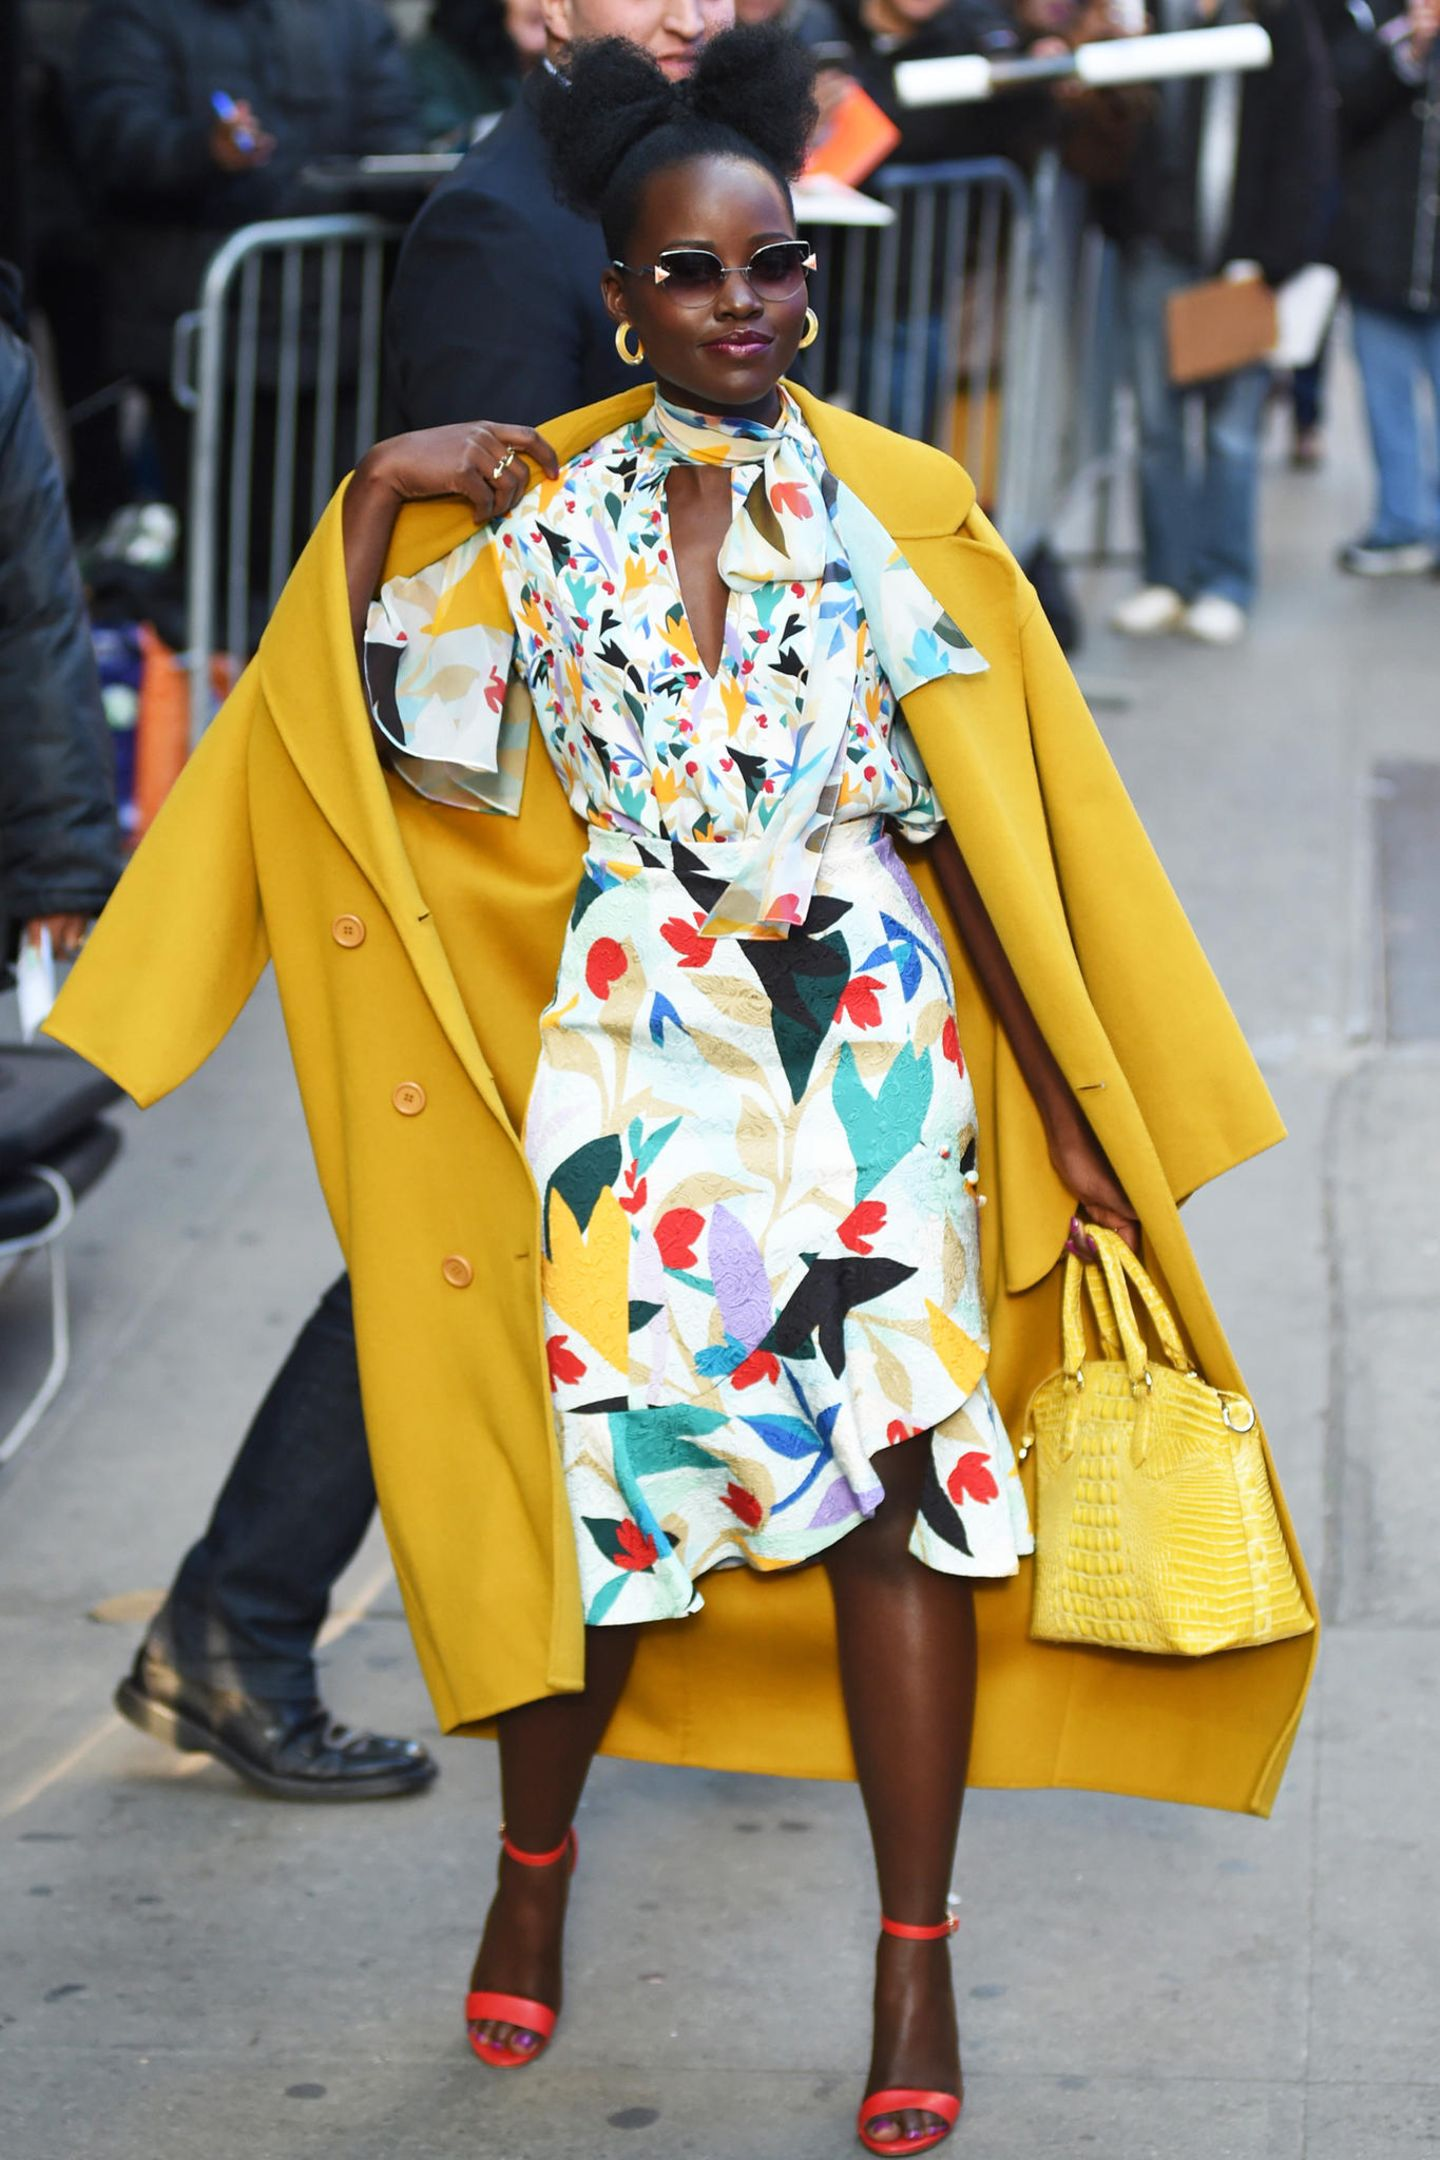 """Hier kommt der Frühling! Lupita Nyong'o zeigt sich vor dem """"Good Morning America""""-Studioam New Yorker Times Square in einem floralen Look von Prabal Gurung, den sie mit einem sonnig gelben Mantel kombiniert."""